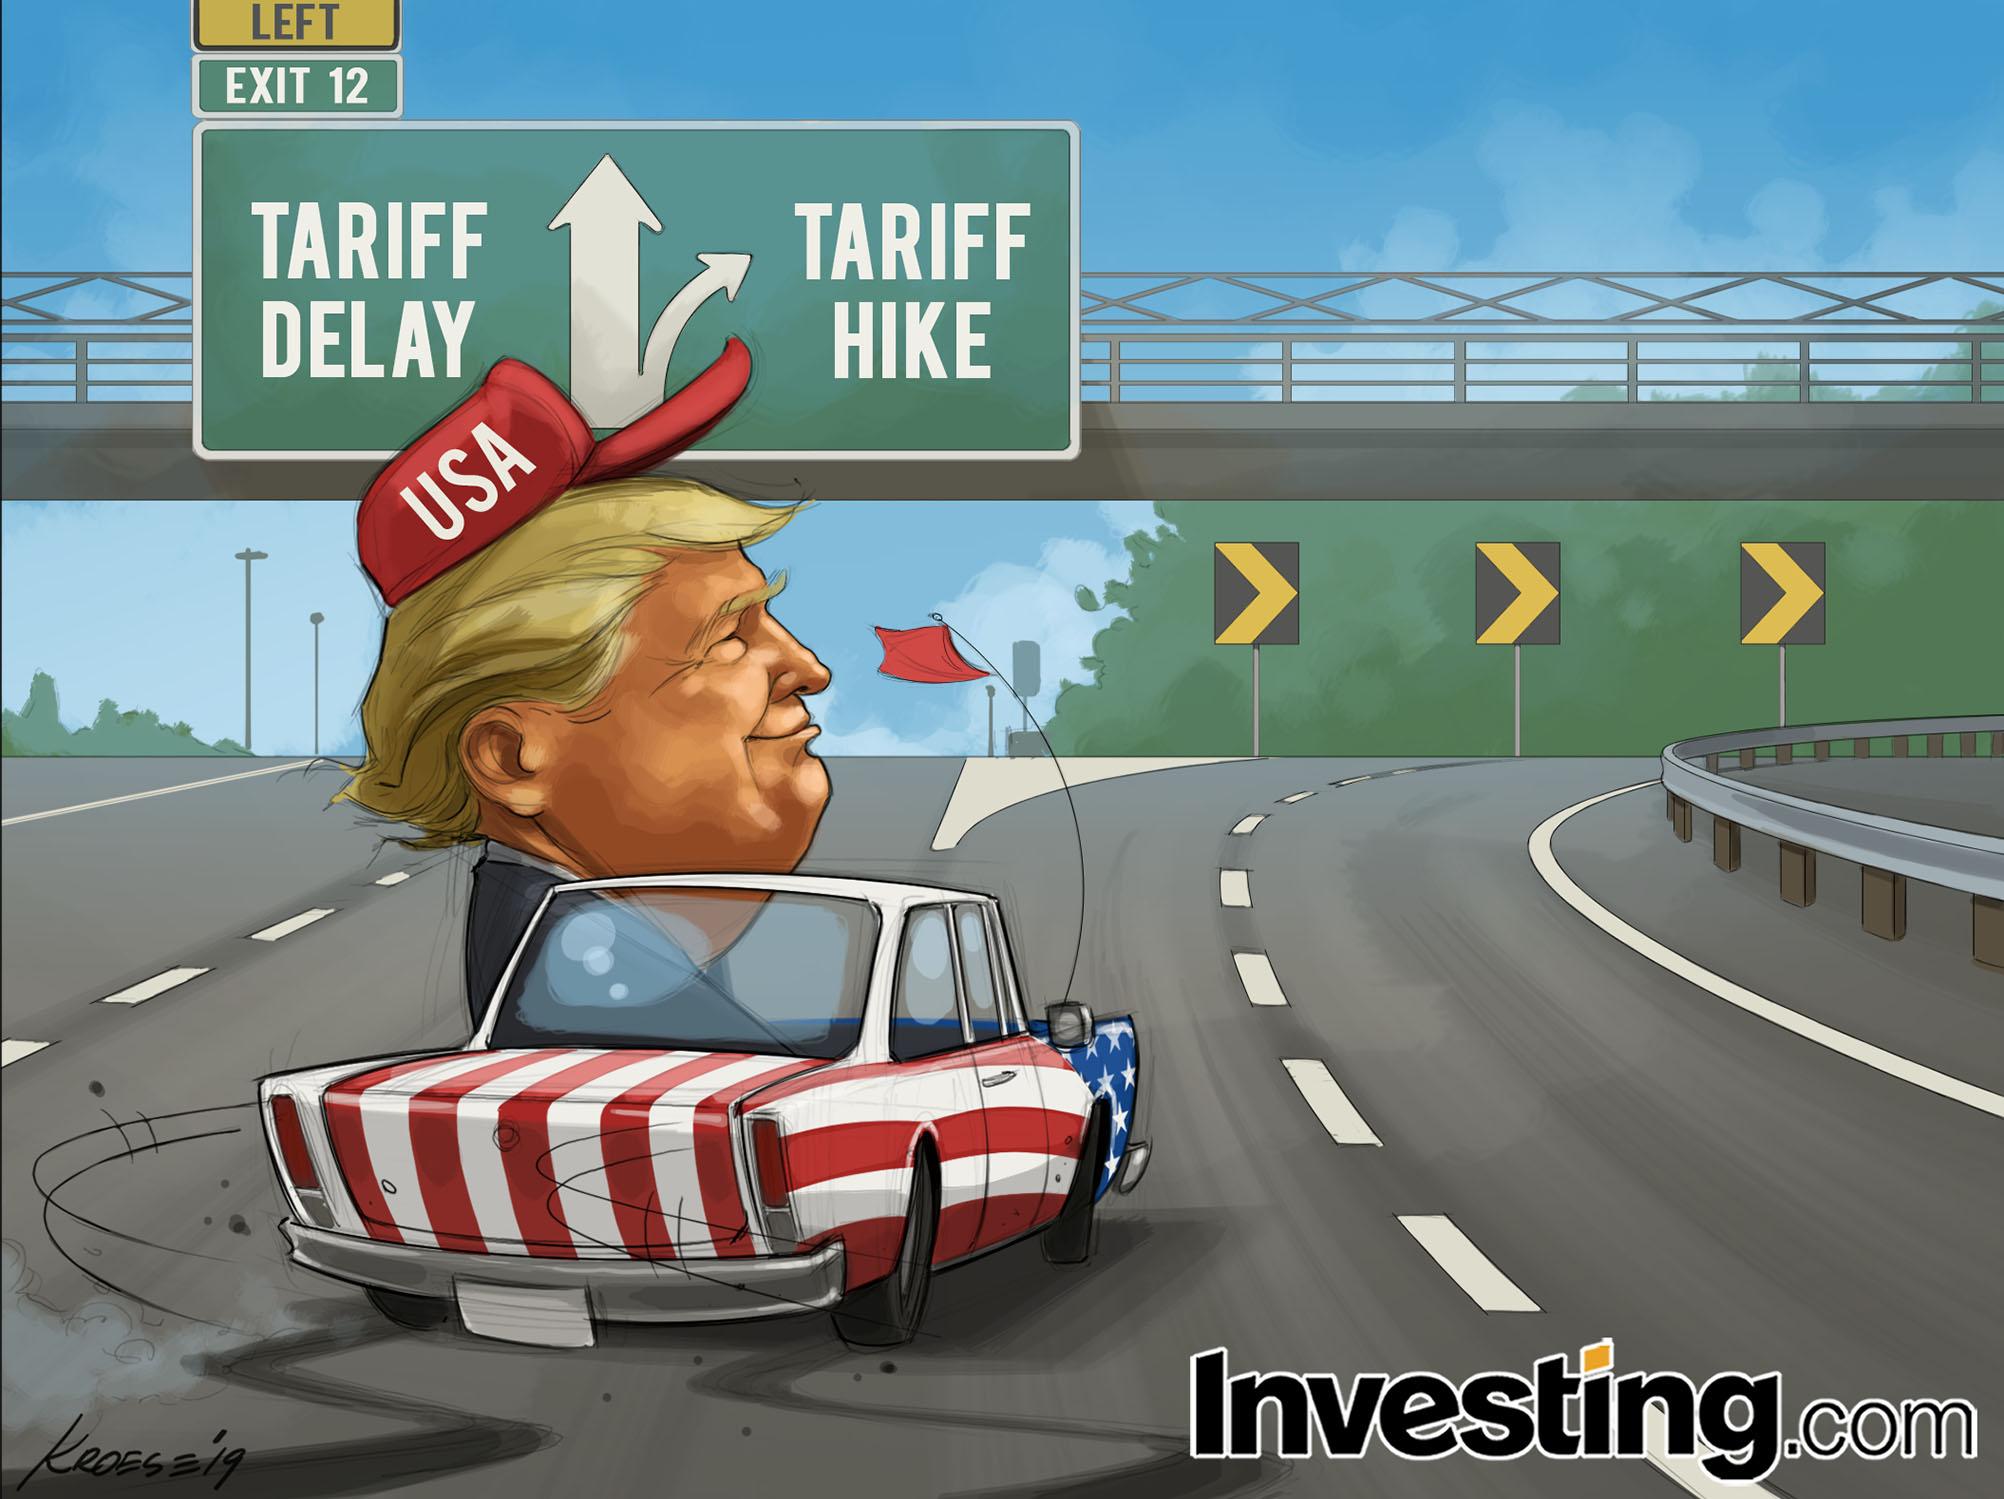 ABD - Çin Ticaret Savaşında 15 Aralık Görüşmeleri Belirleyici Olacak. Dikkatler Trump Üzerinde